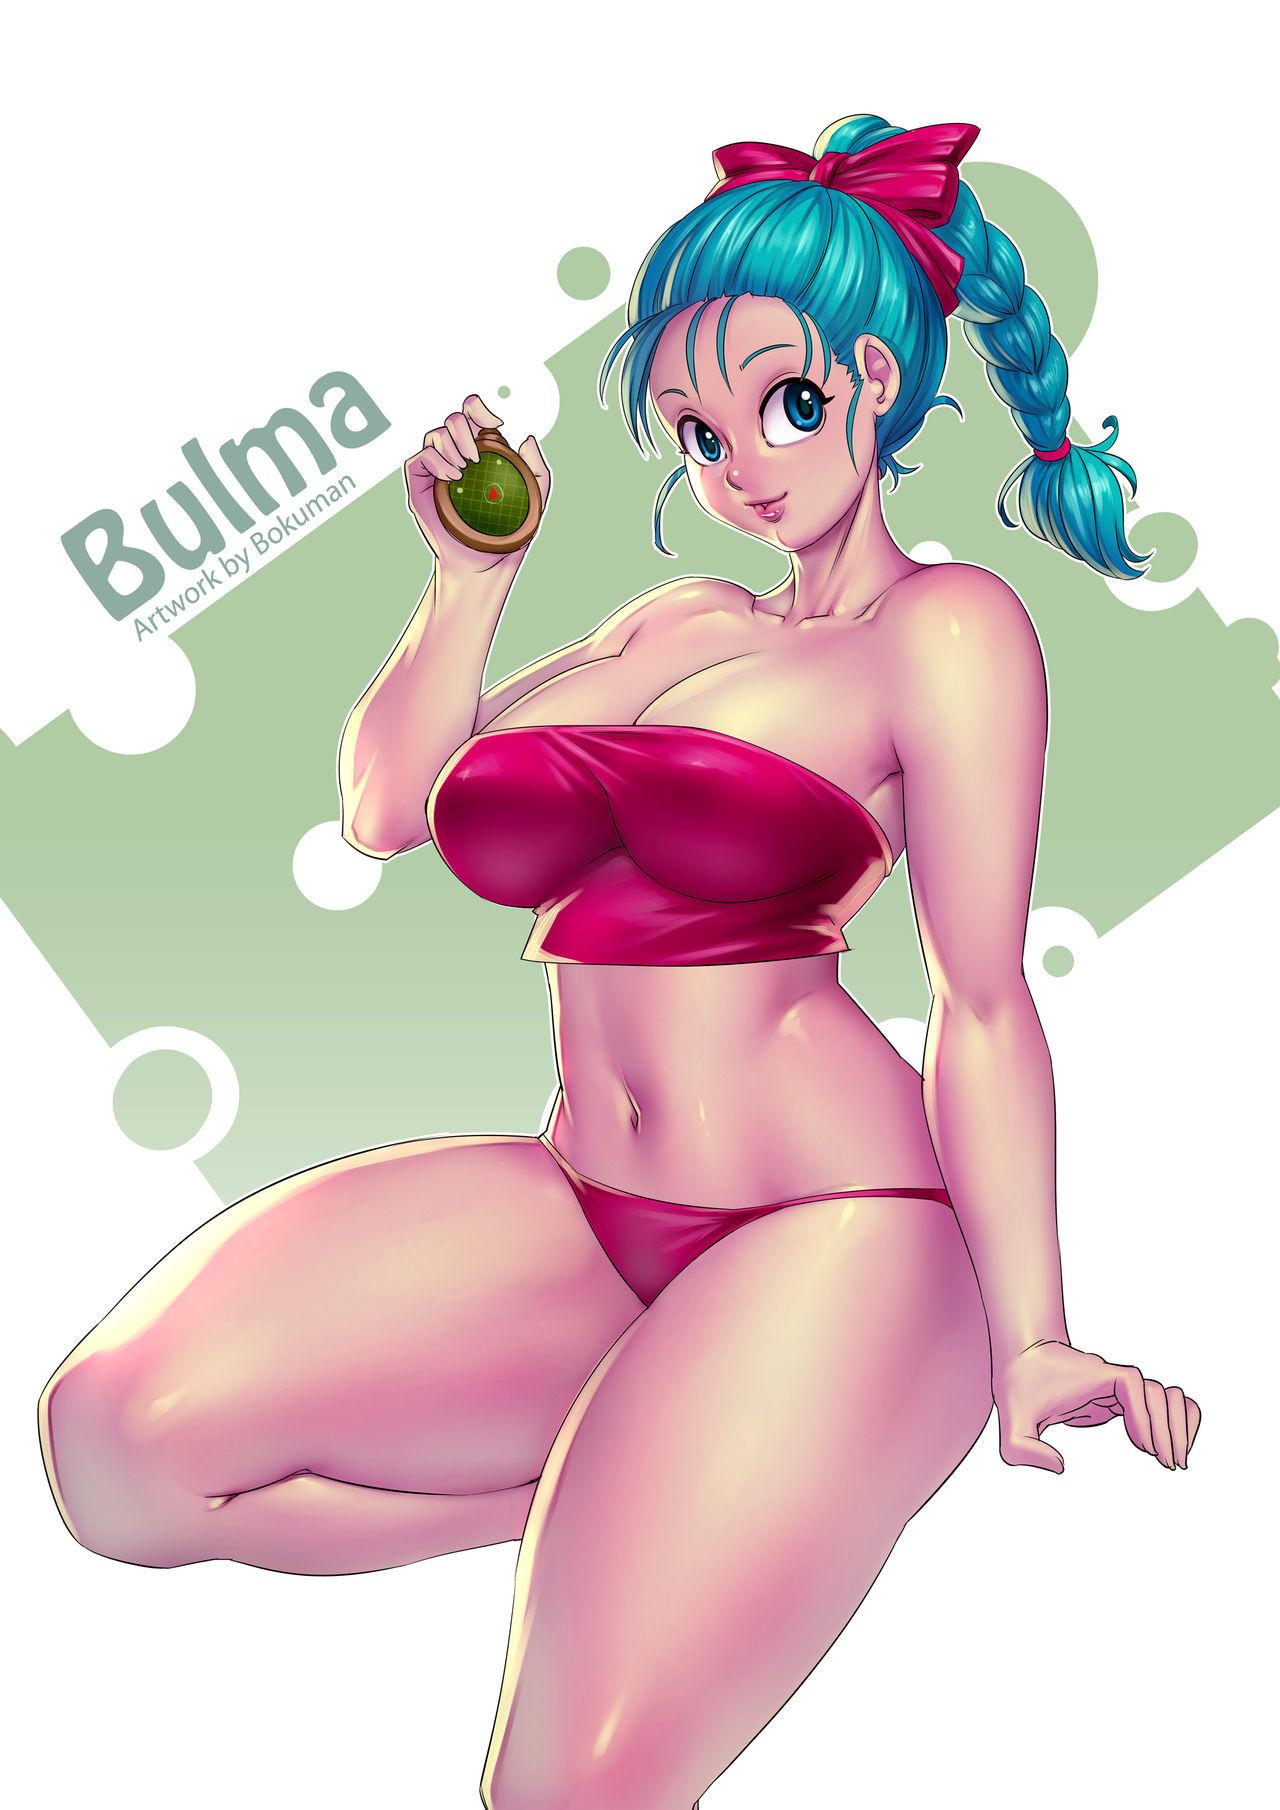 Bokuman - part 2